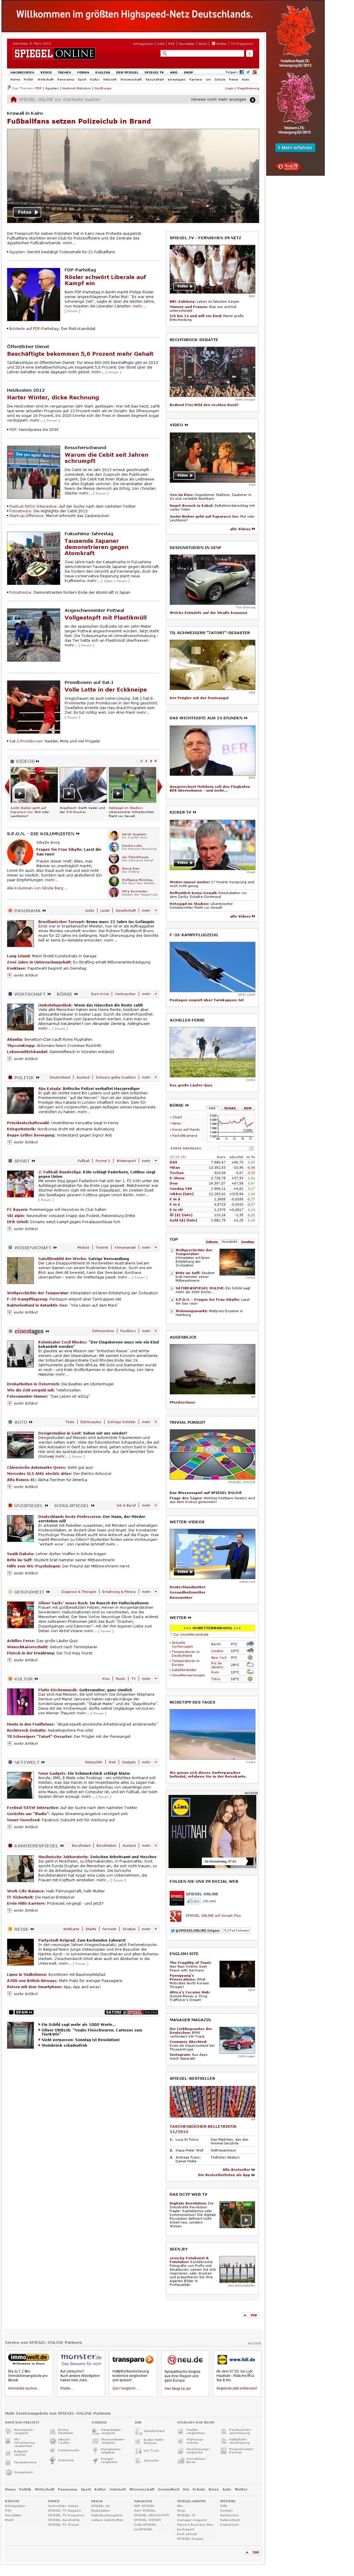 Spiegel Online at Saturday March 9, 2013, 2:19 p.m. UTC